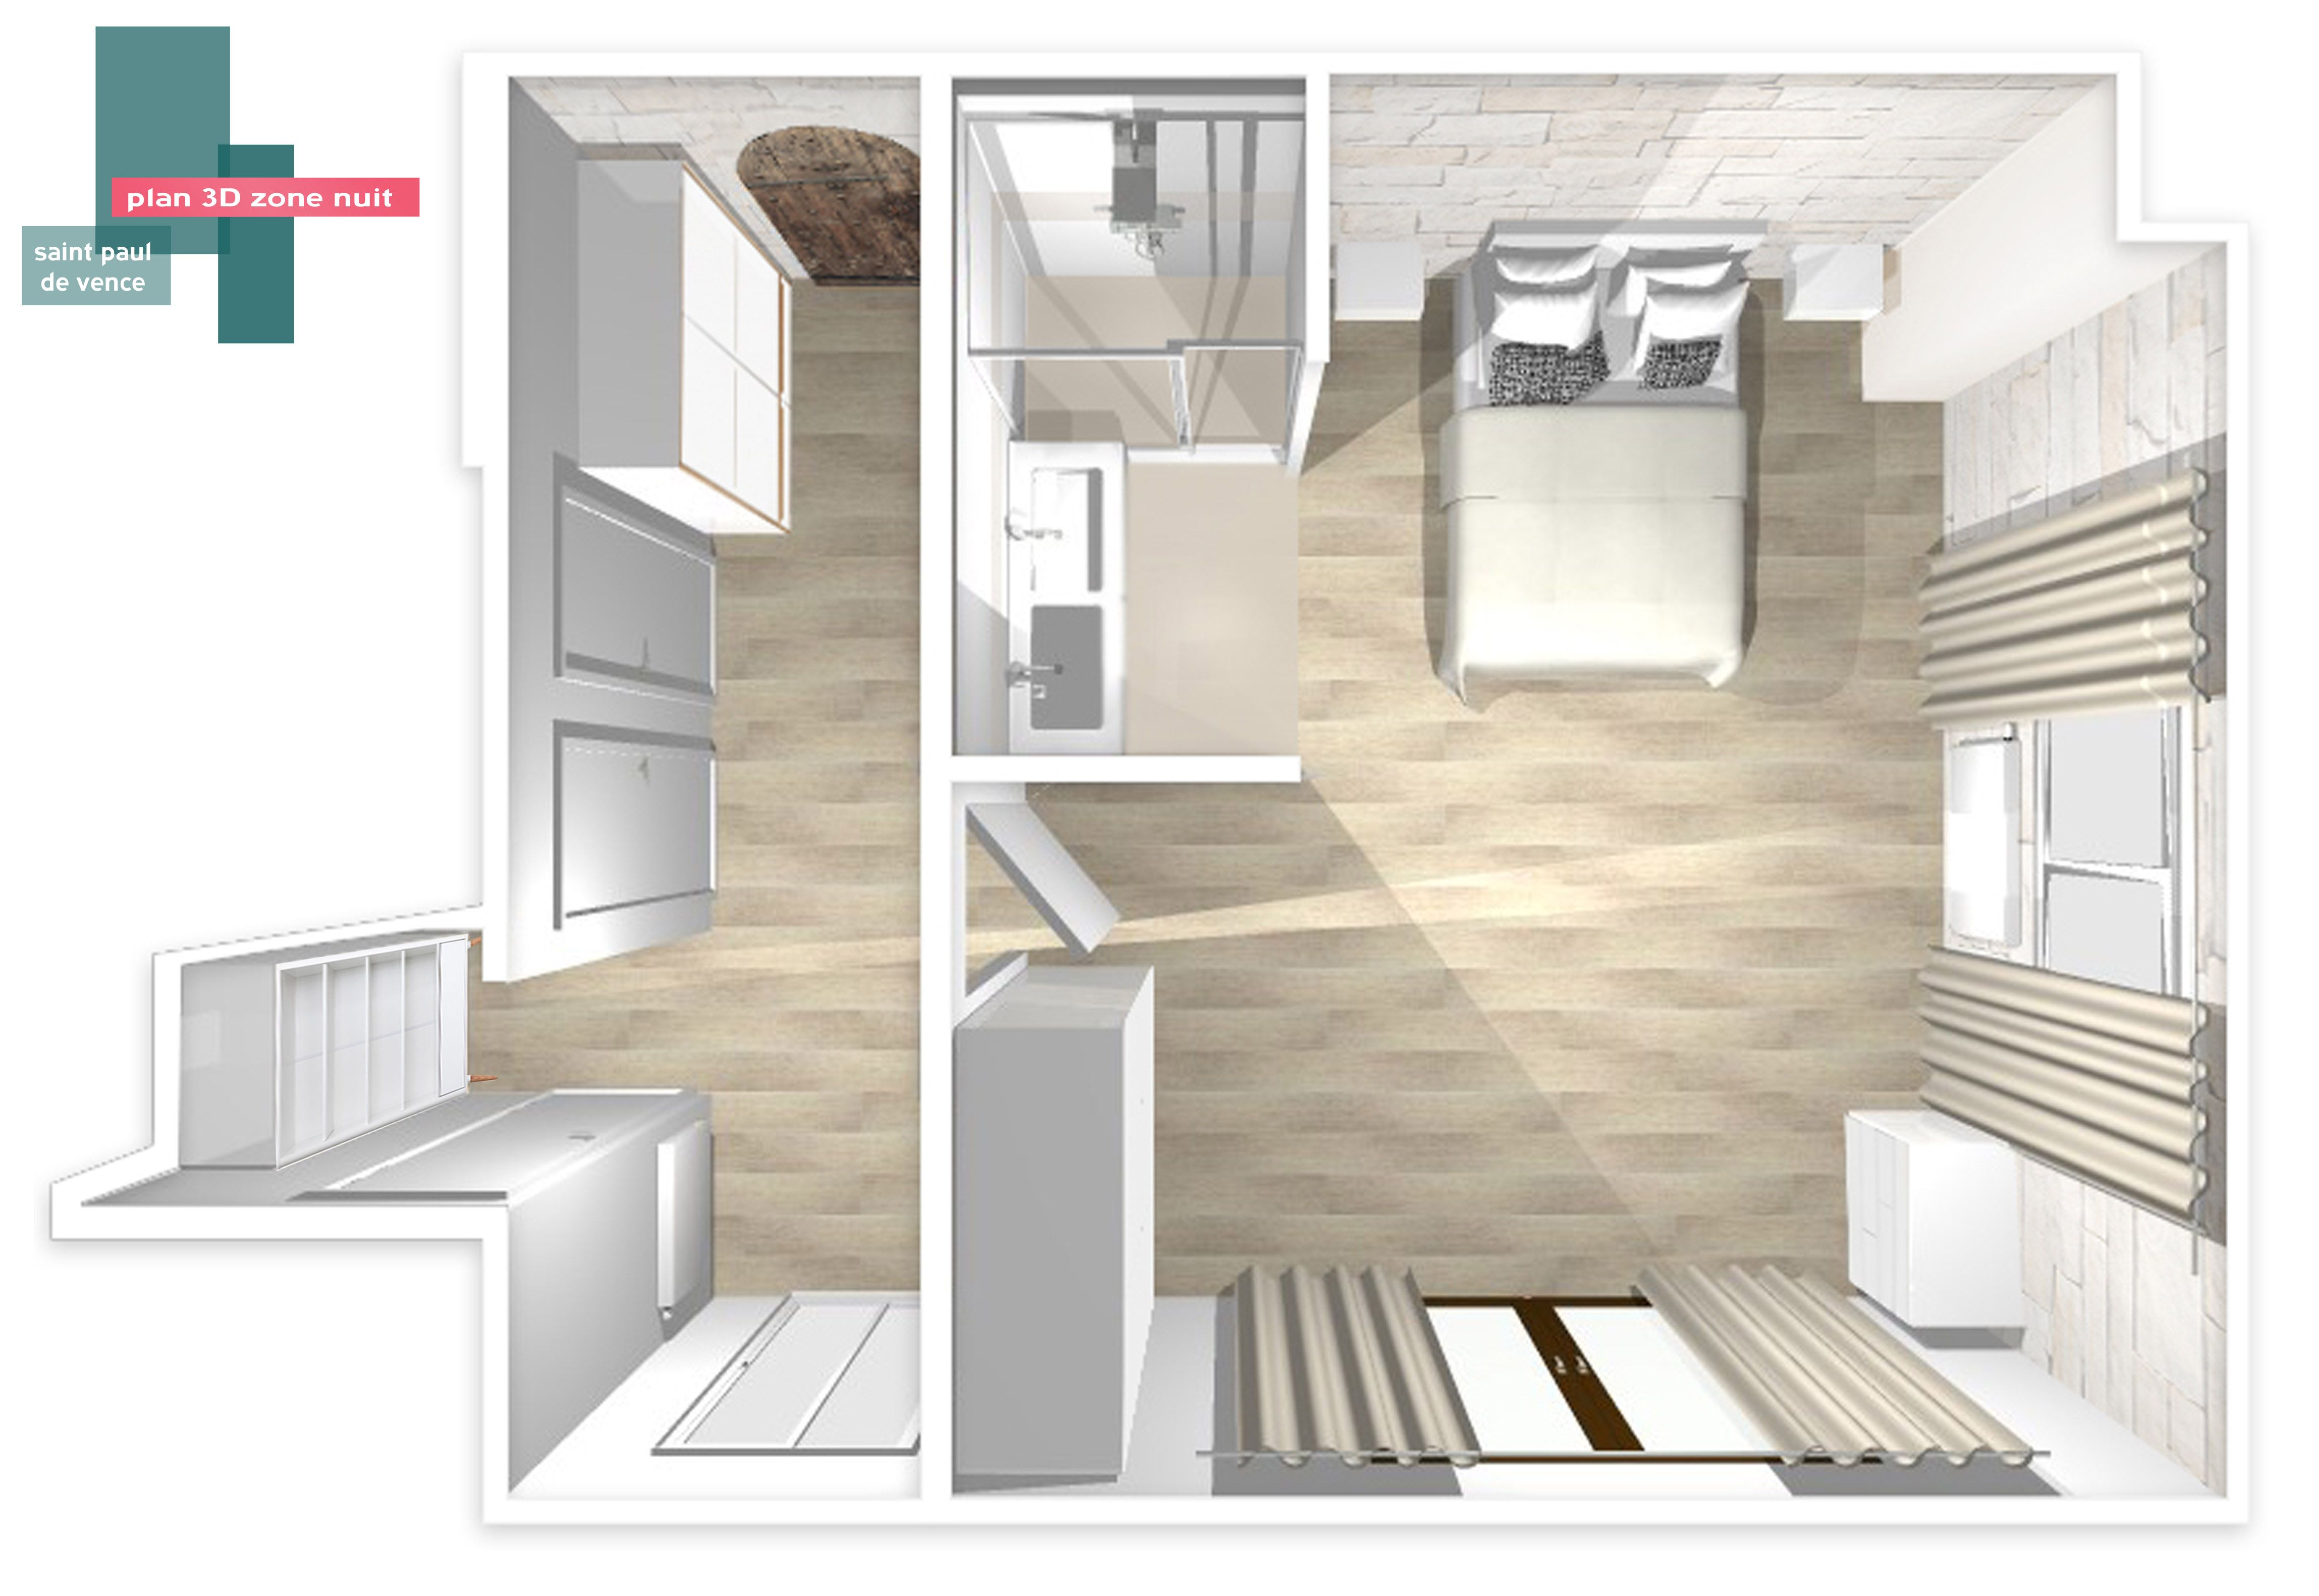 Plan 3d Suite Parentale B Indoor Http Www B Indoor Com Decoration Des Chambre Parentale Salle De Bain Chambre Parentale Douche Salle De Bains Dressing